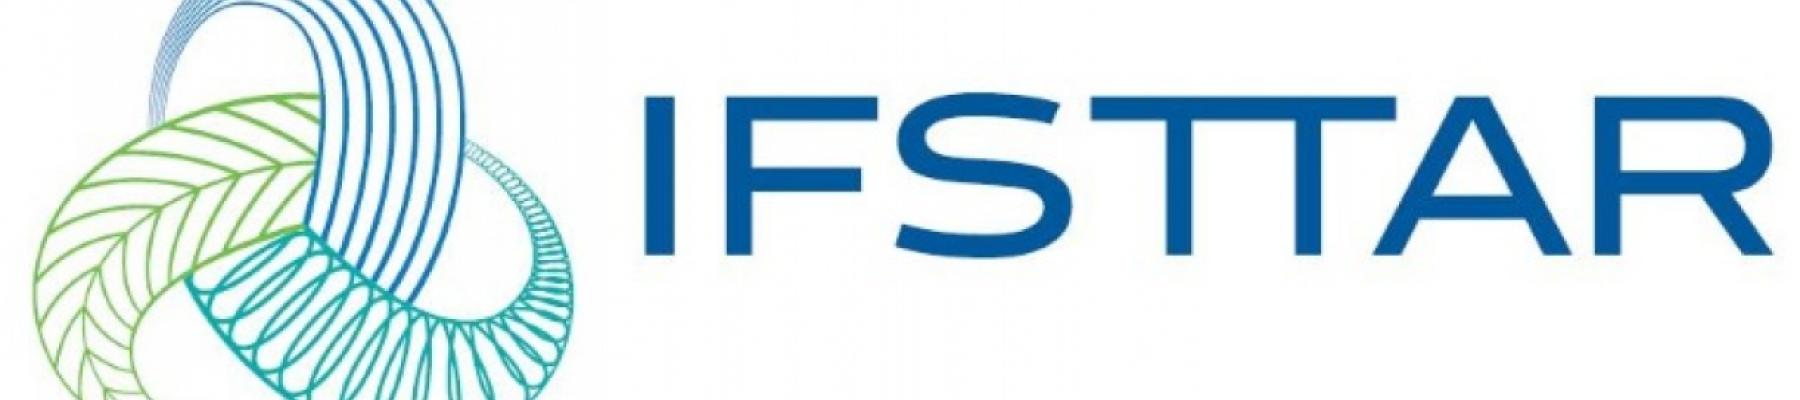 ESITC Cachan et IFSTTAR: Un nouvel accord de collaboration et de recherche!